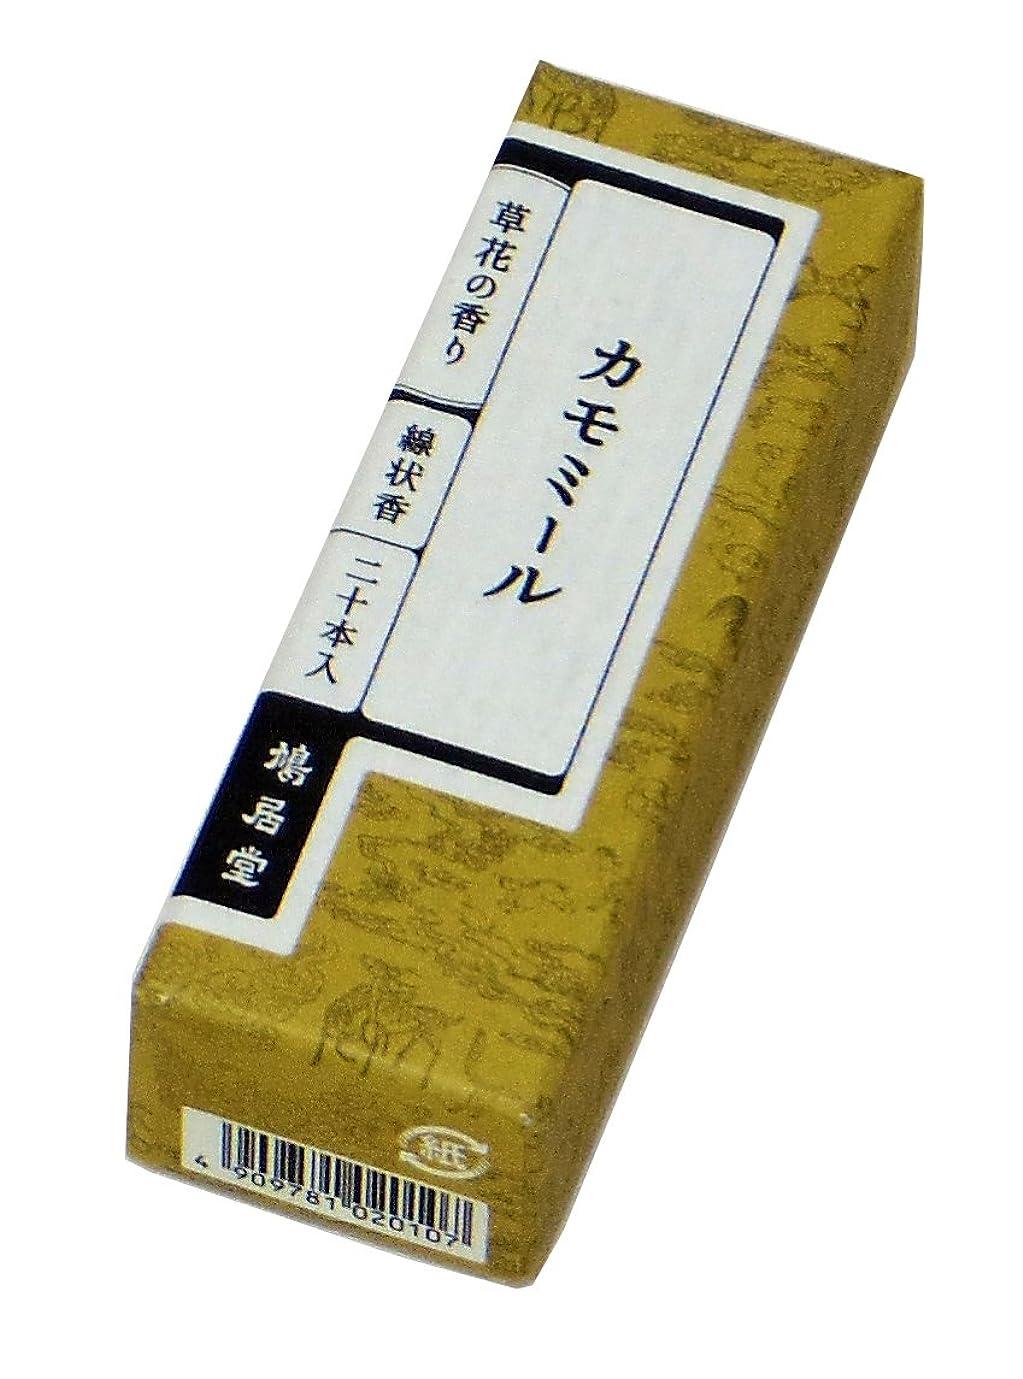 腰米国がっかりする鳩居堂のお香 草花の香り カモミール 20本入 6cm